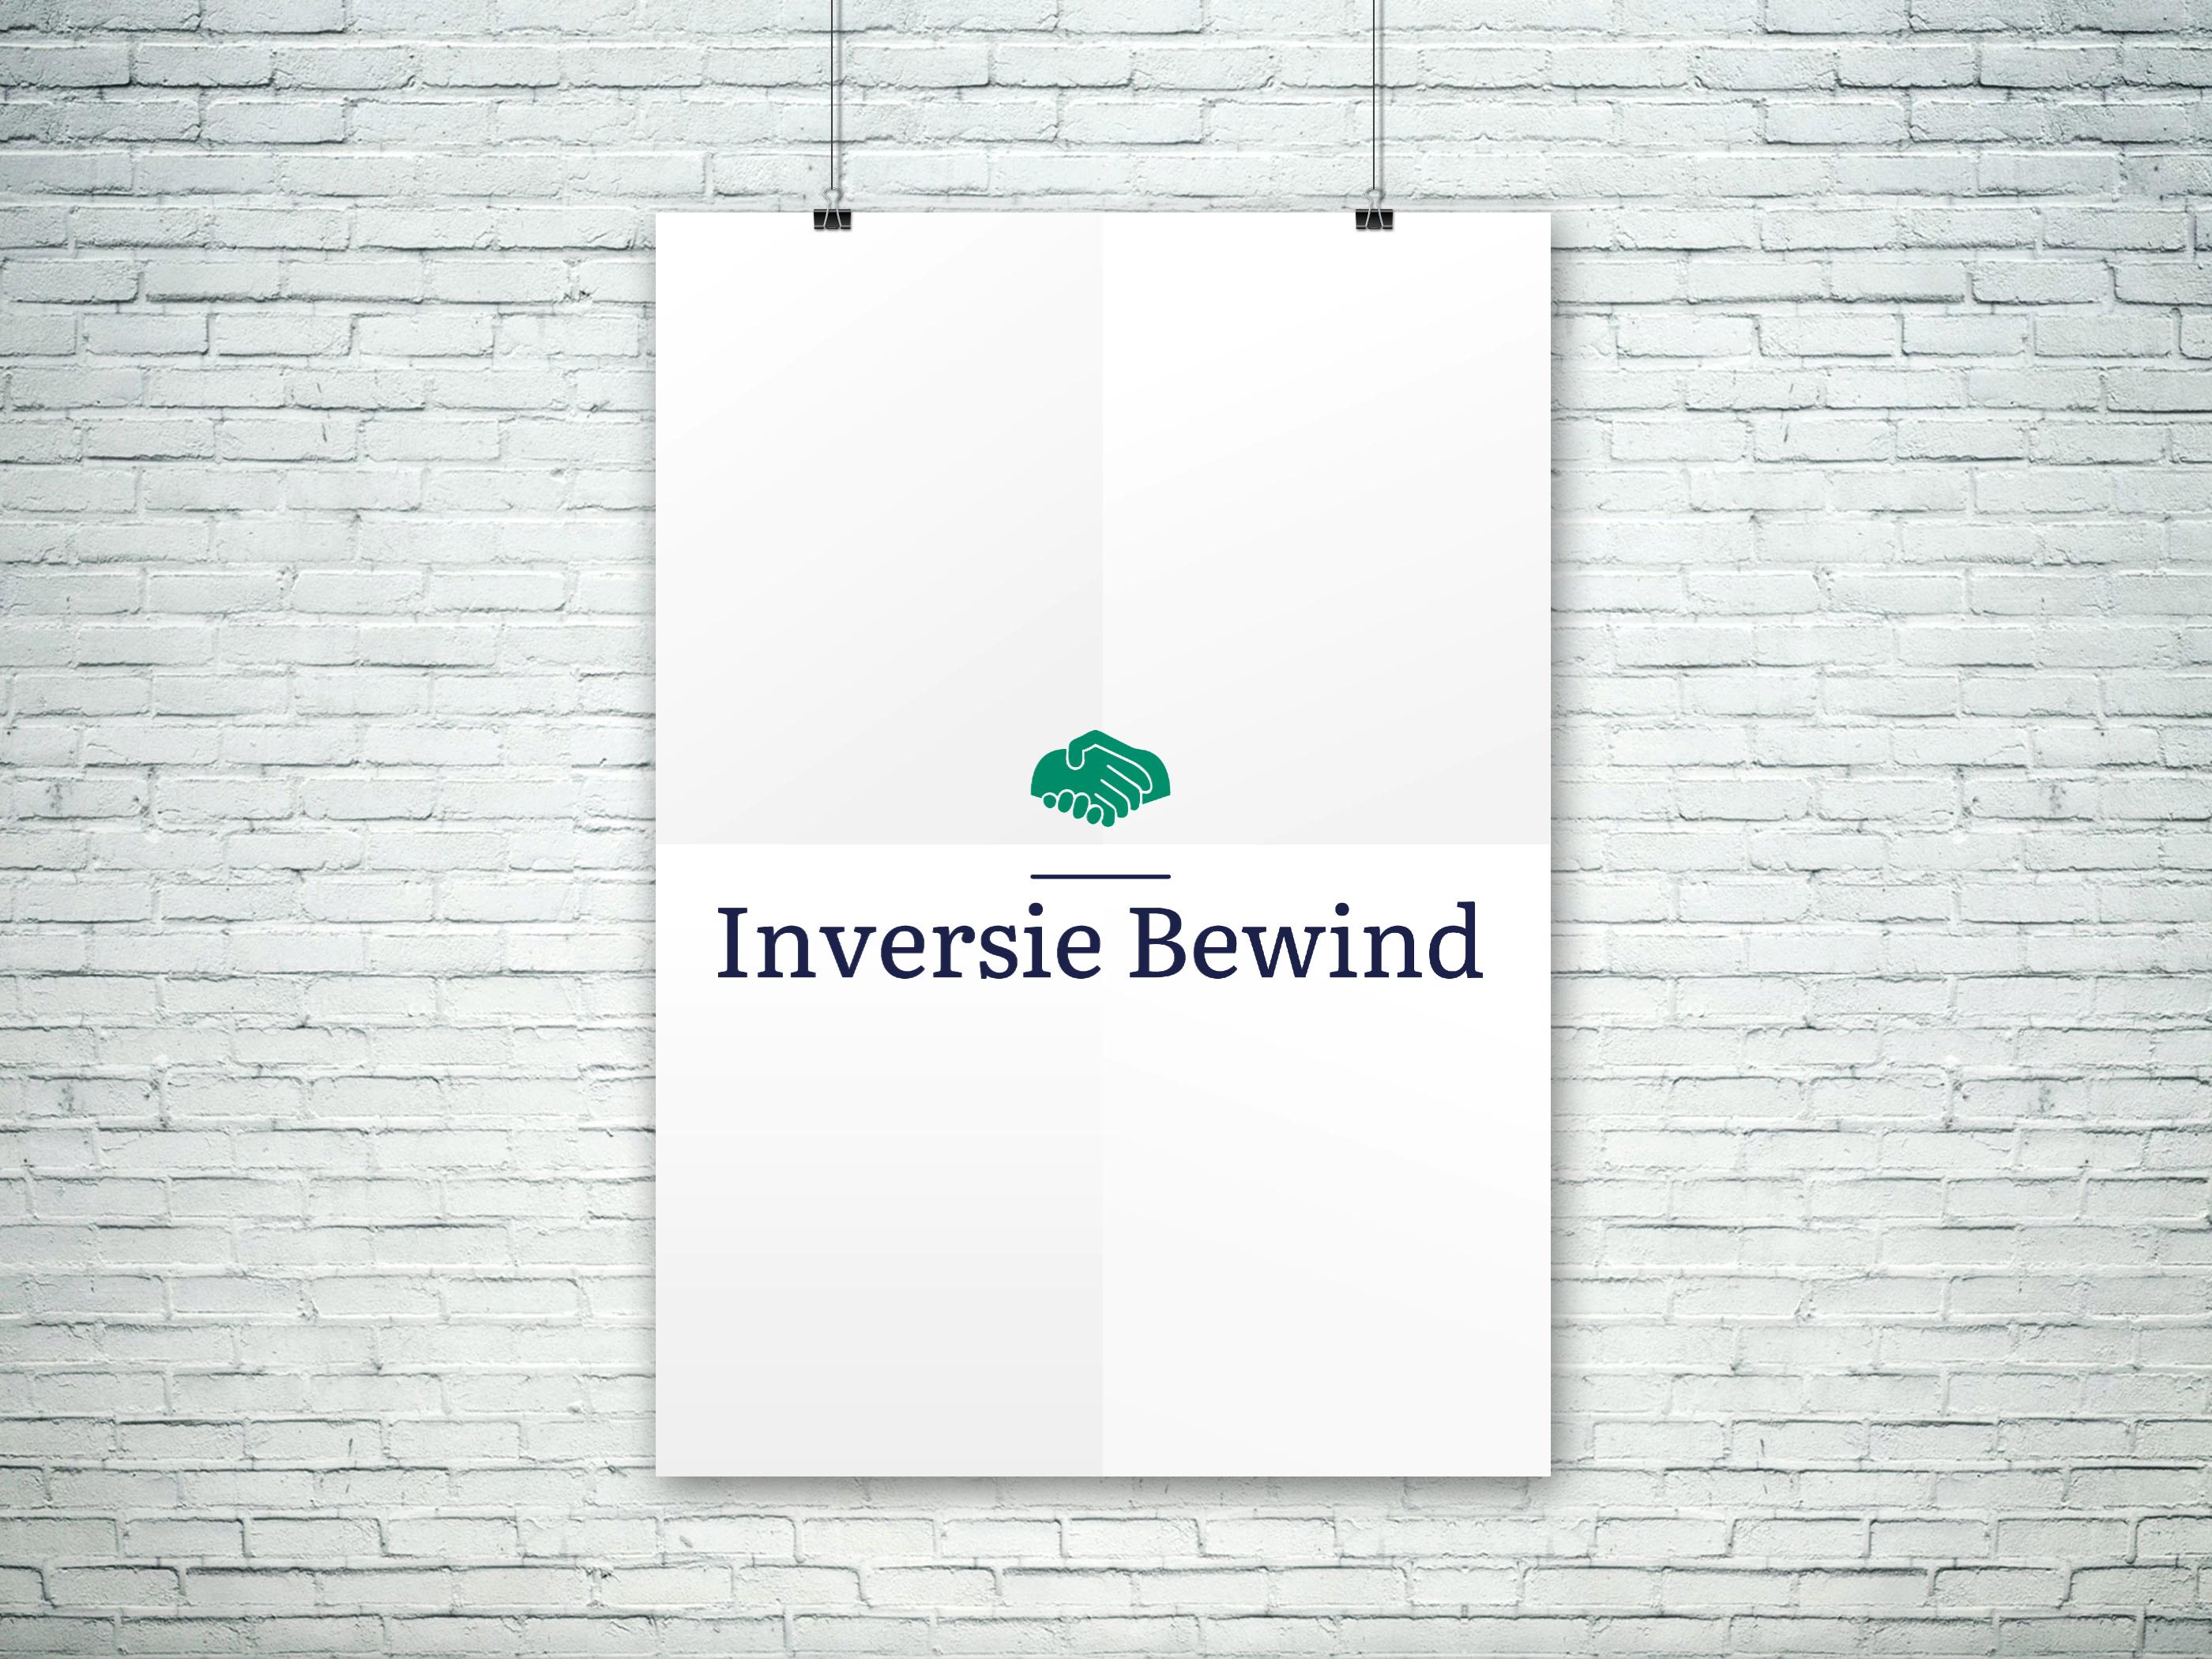 Inversie Bewind doc